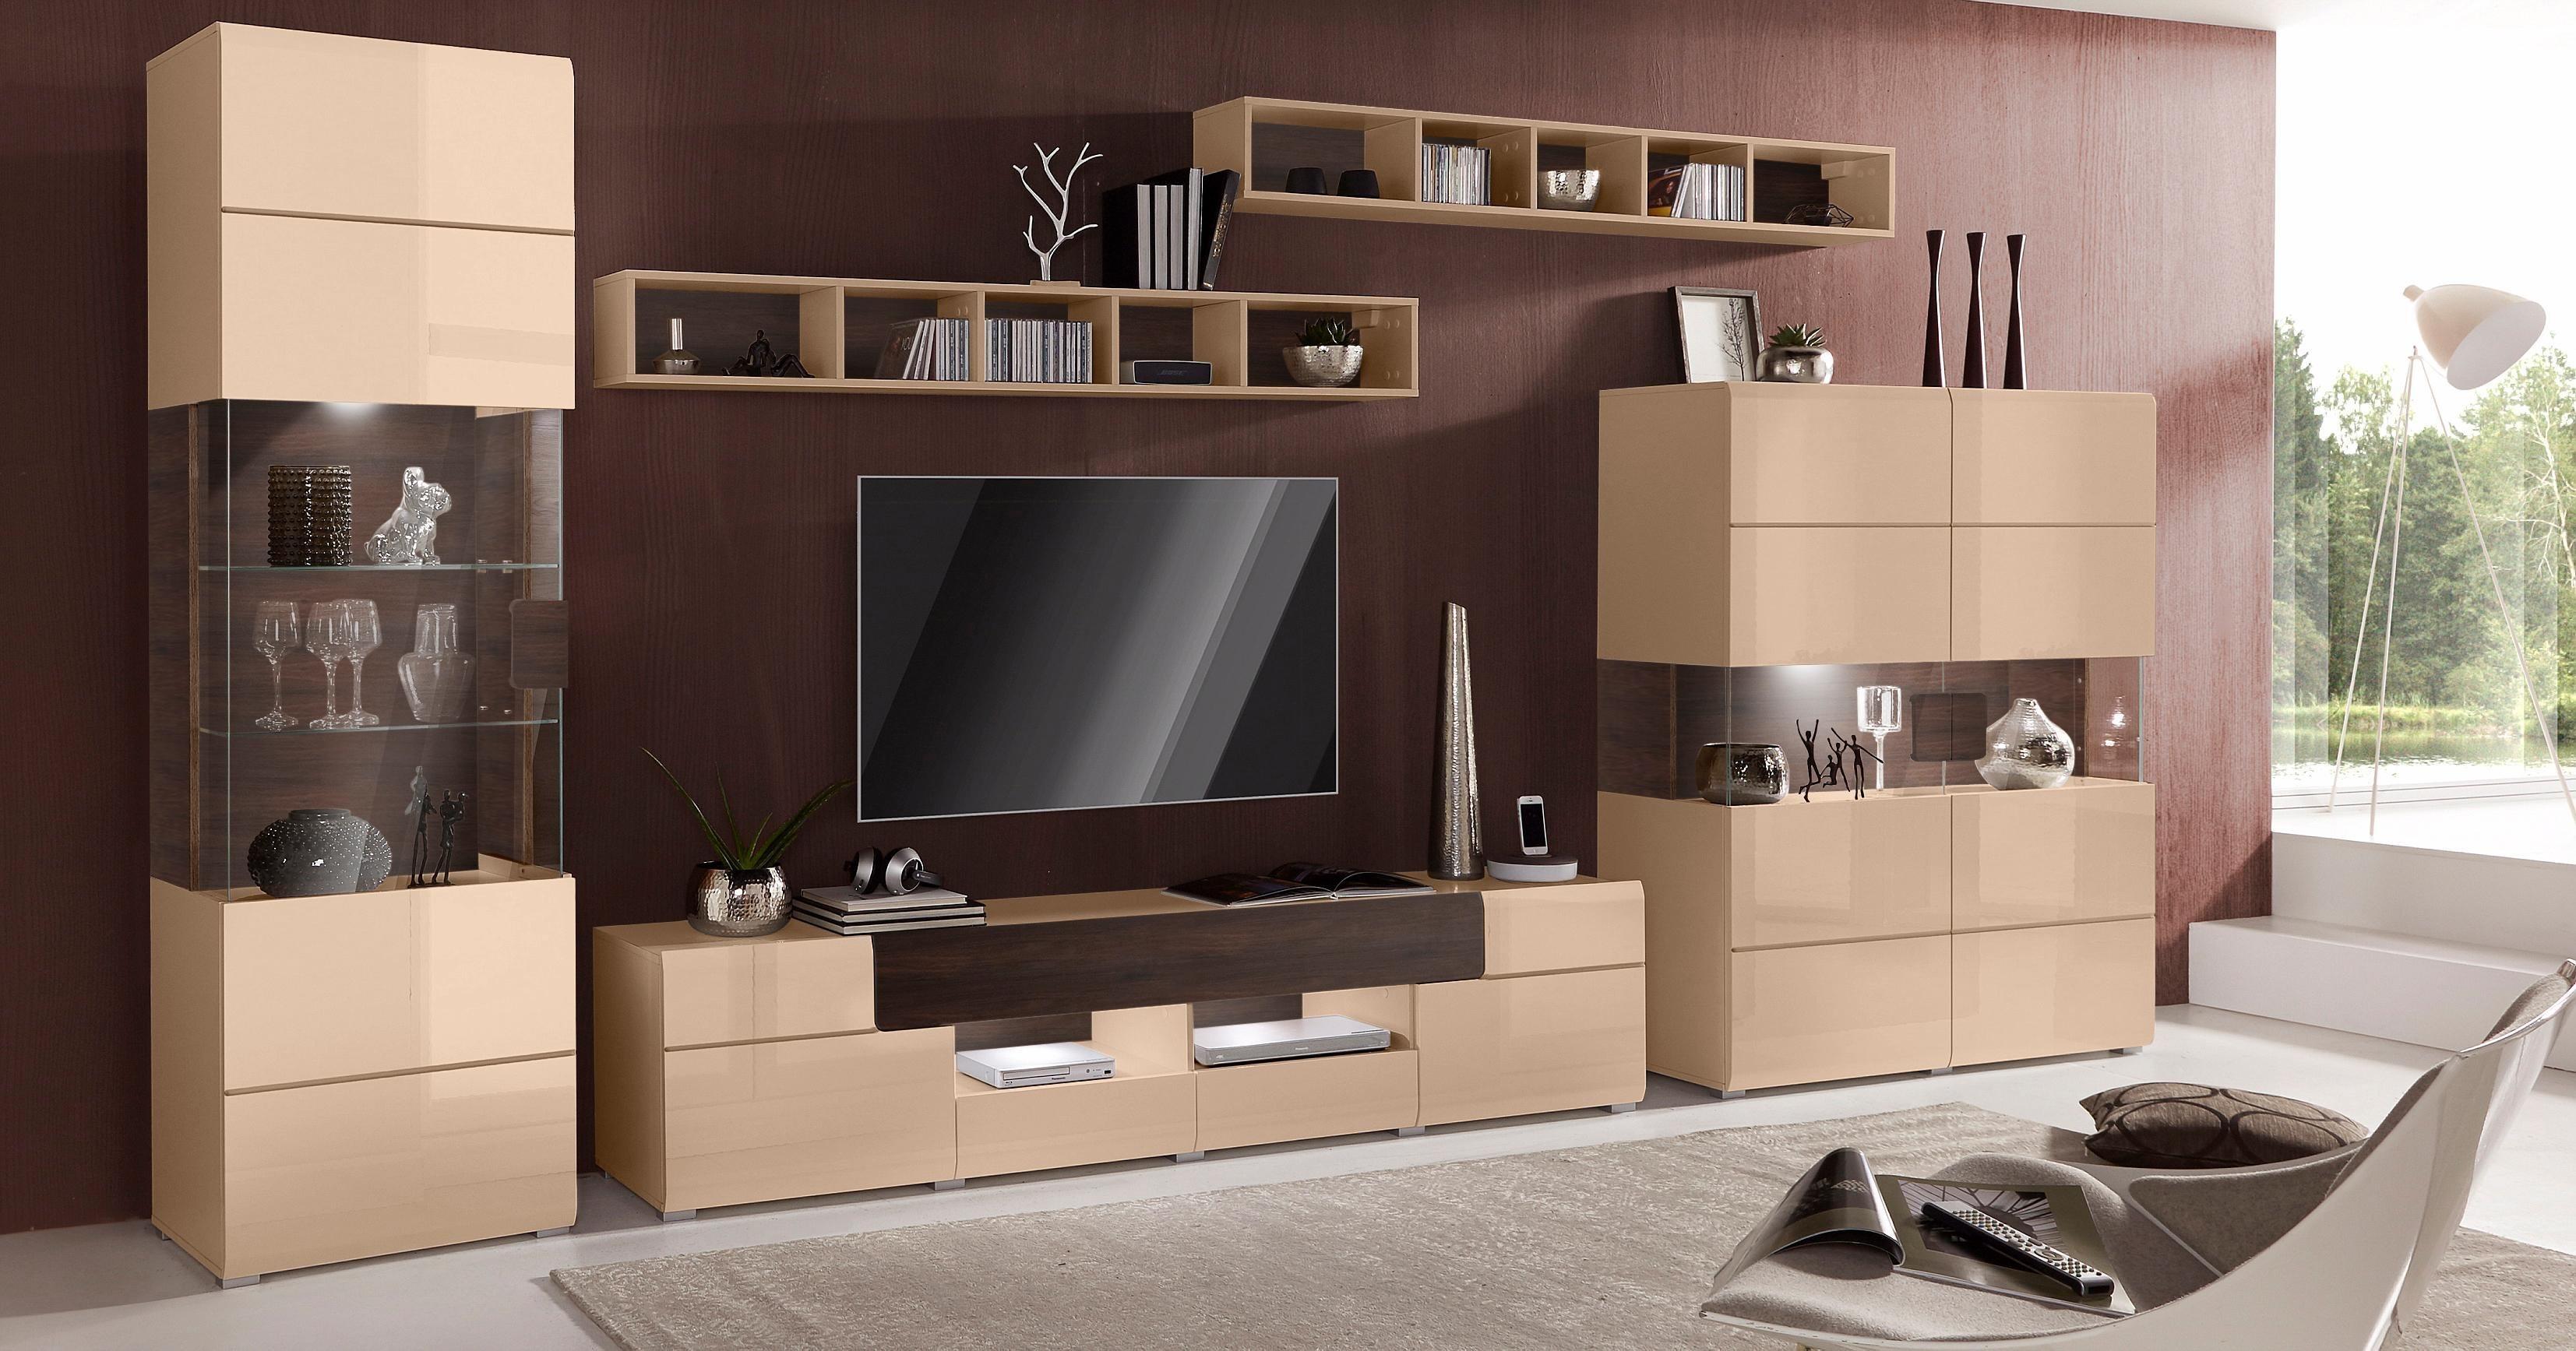 escando natuerlich wo wohnw nde online kaufen m bel suchmaschine. Black Bedroom Furniture Sets. Home Design Ideas